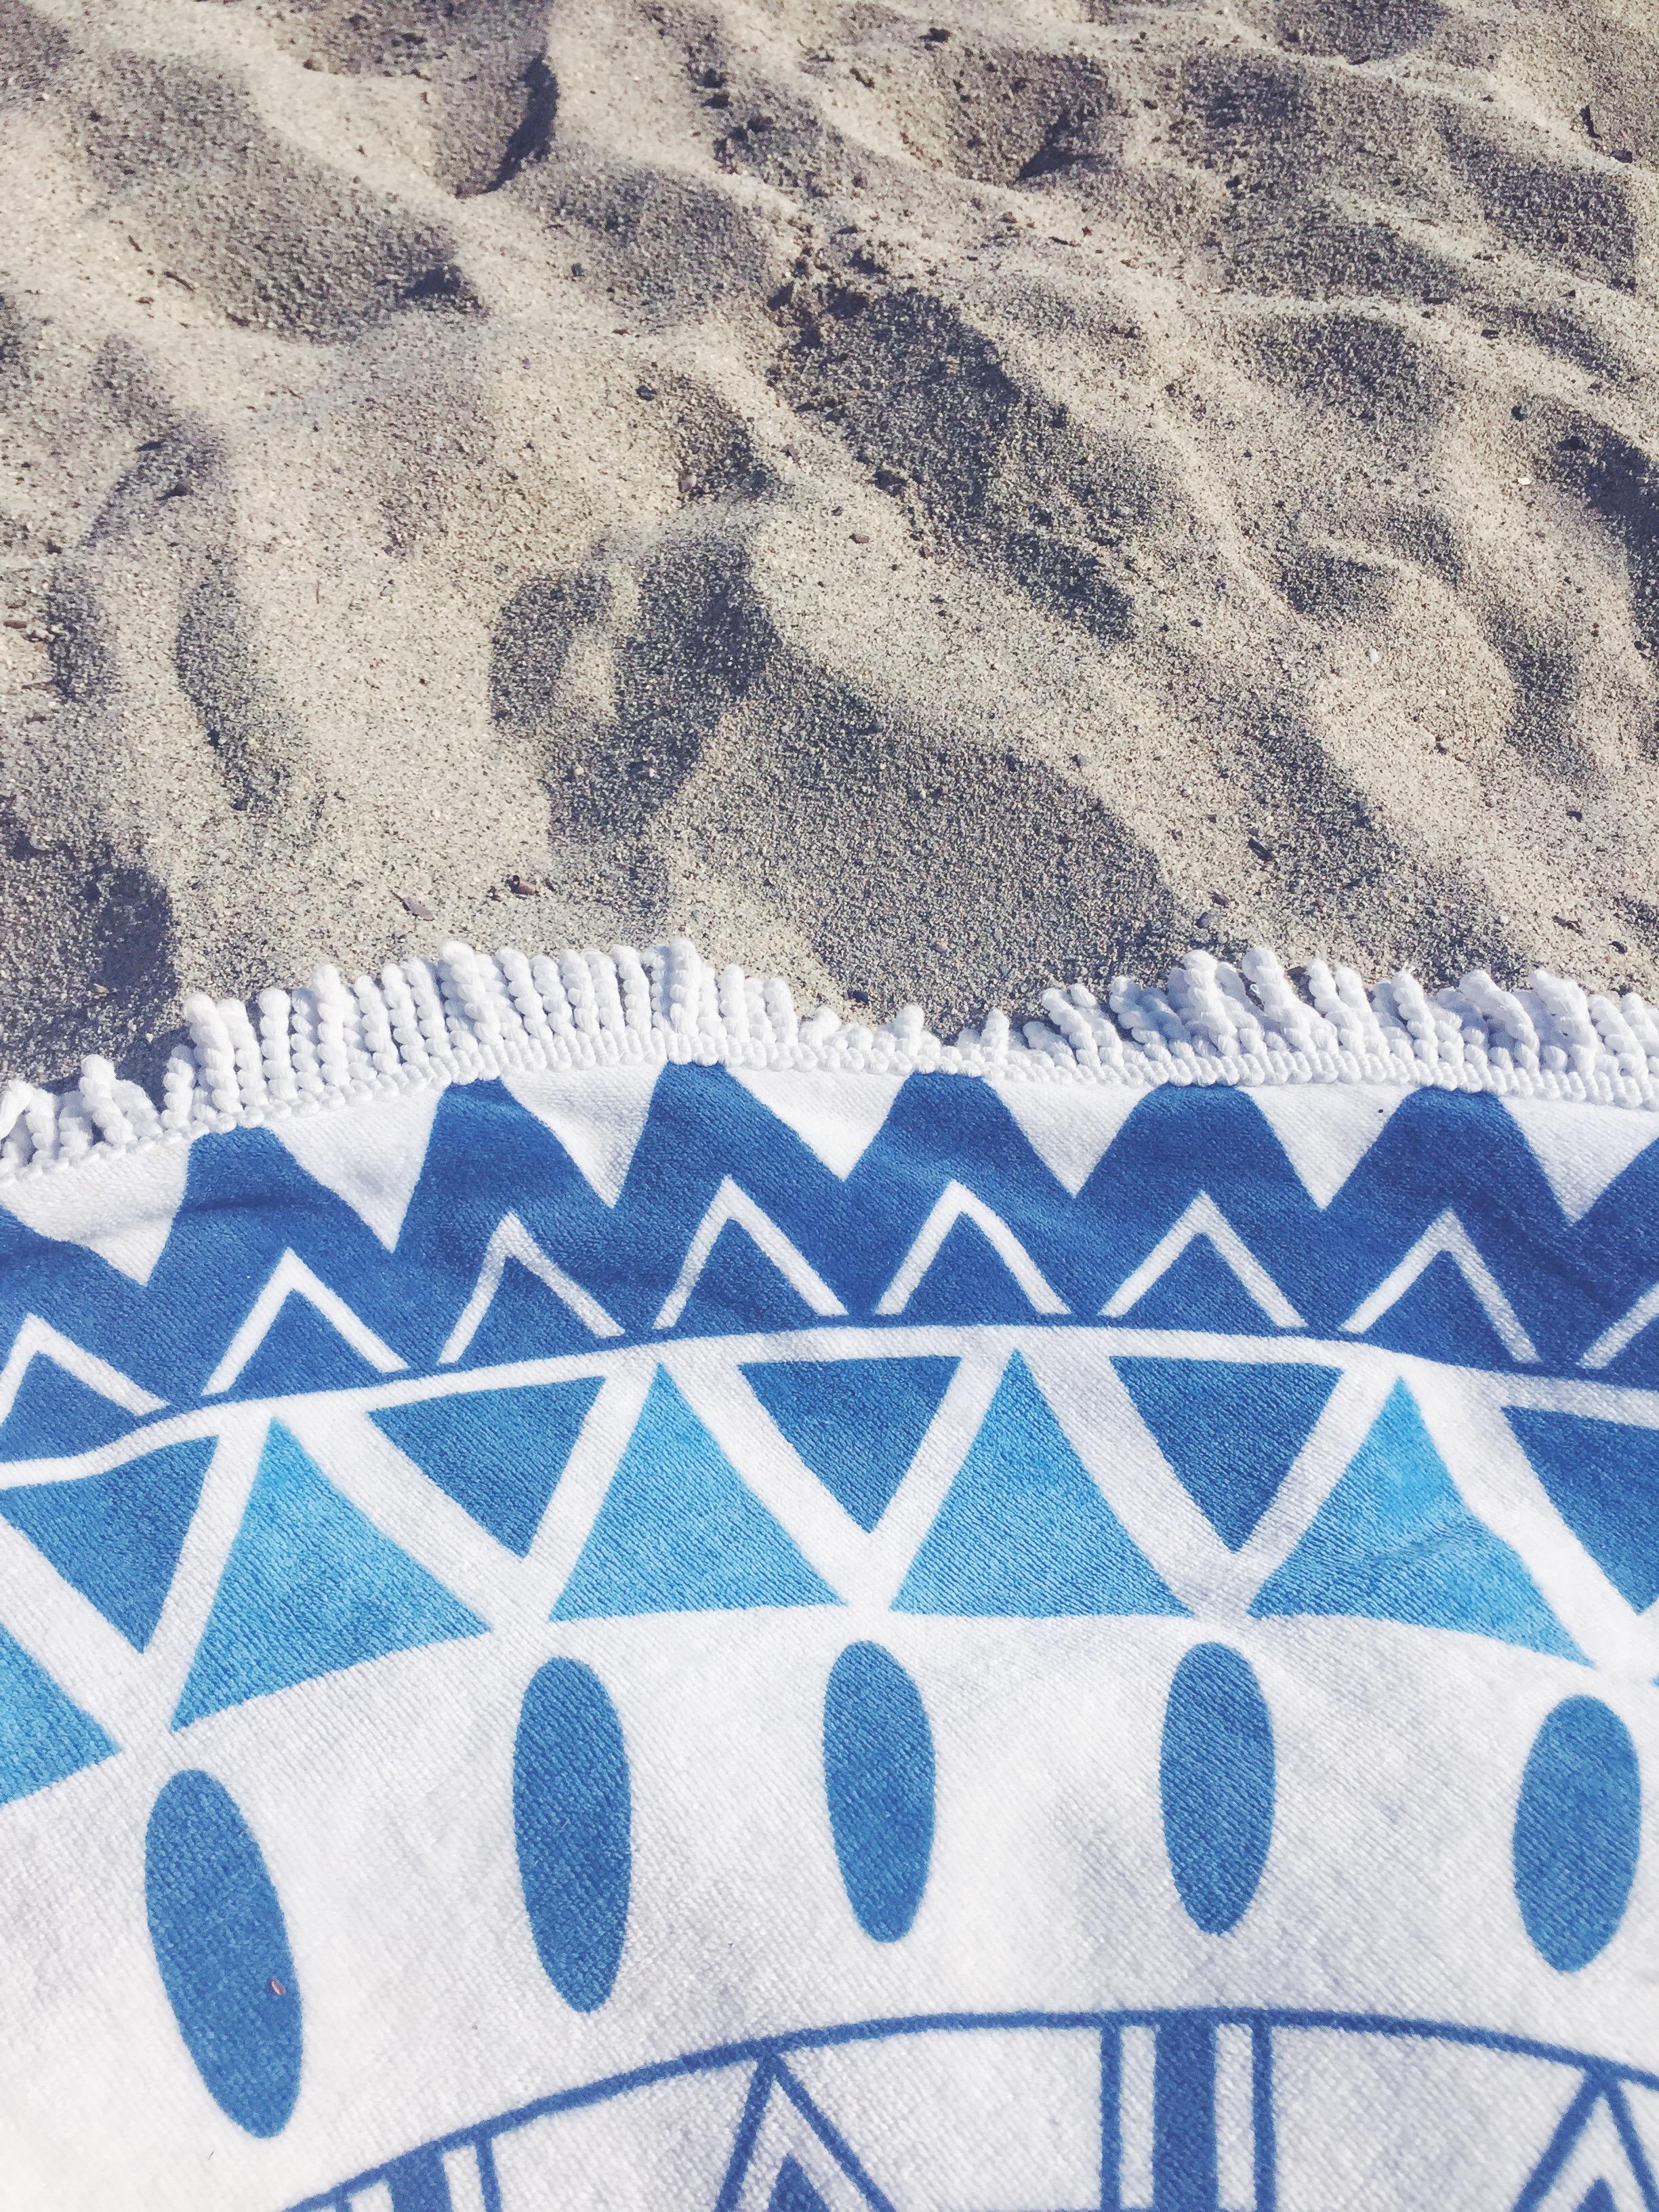 Graphic Sand